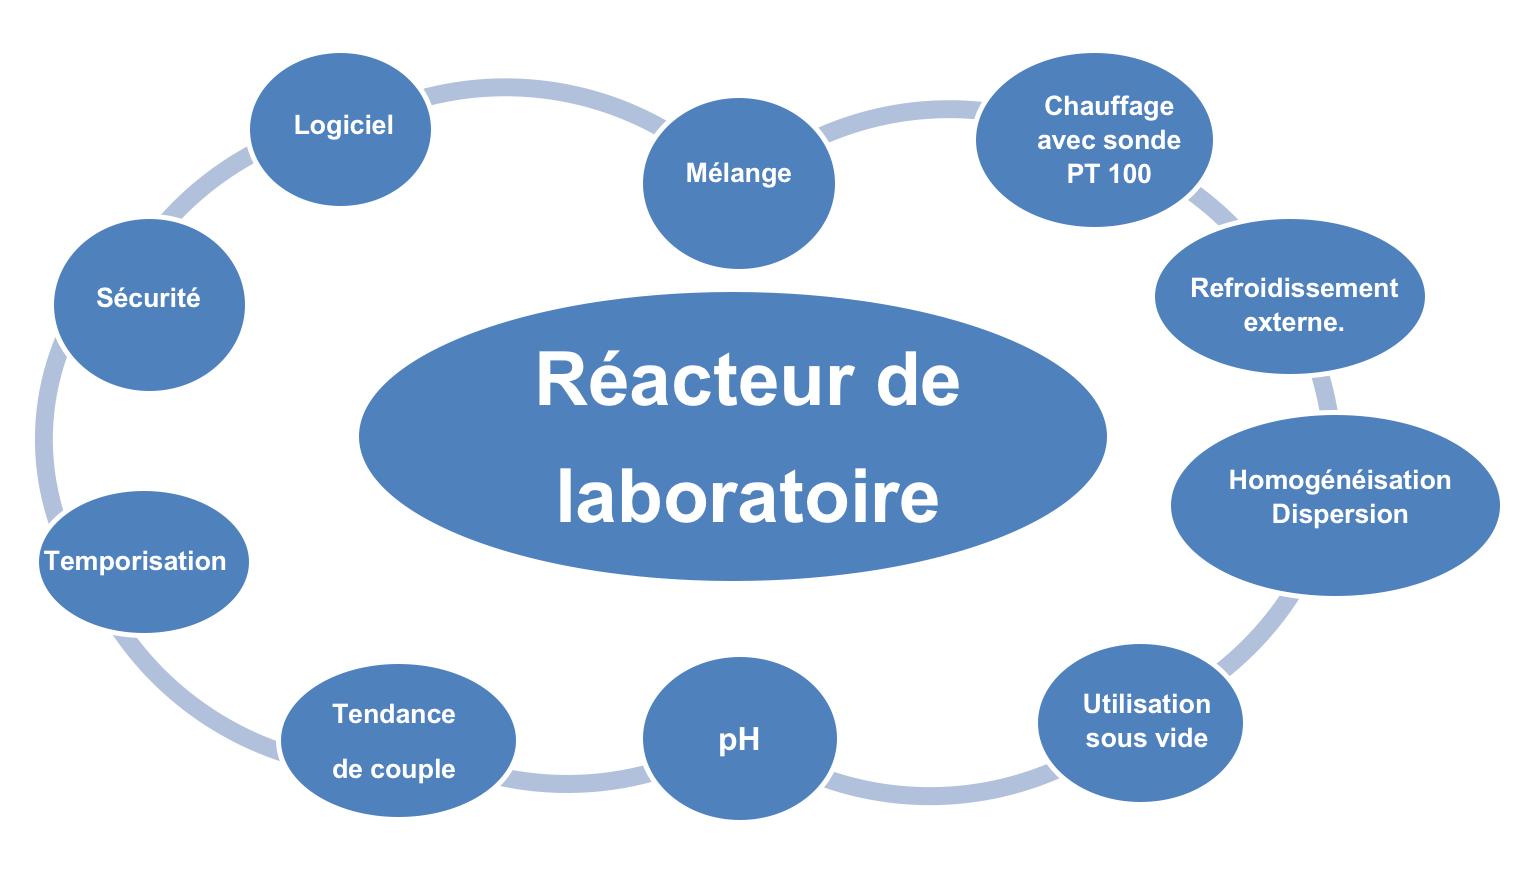 Réacteur de laboratoire